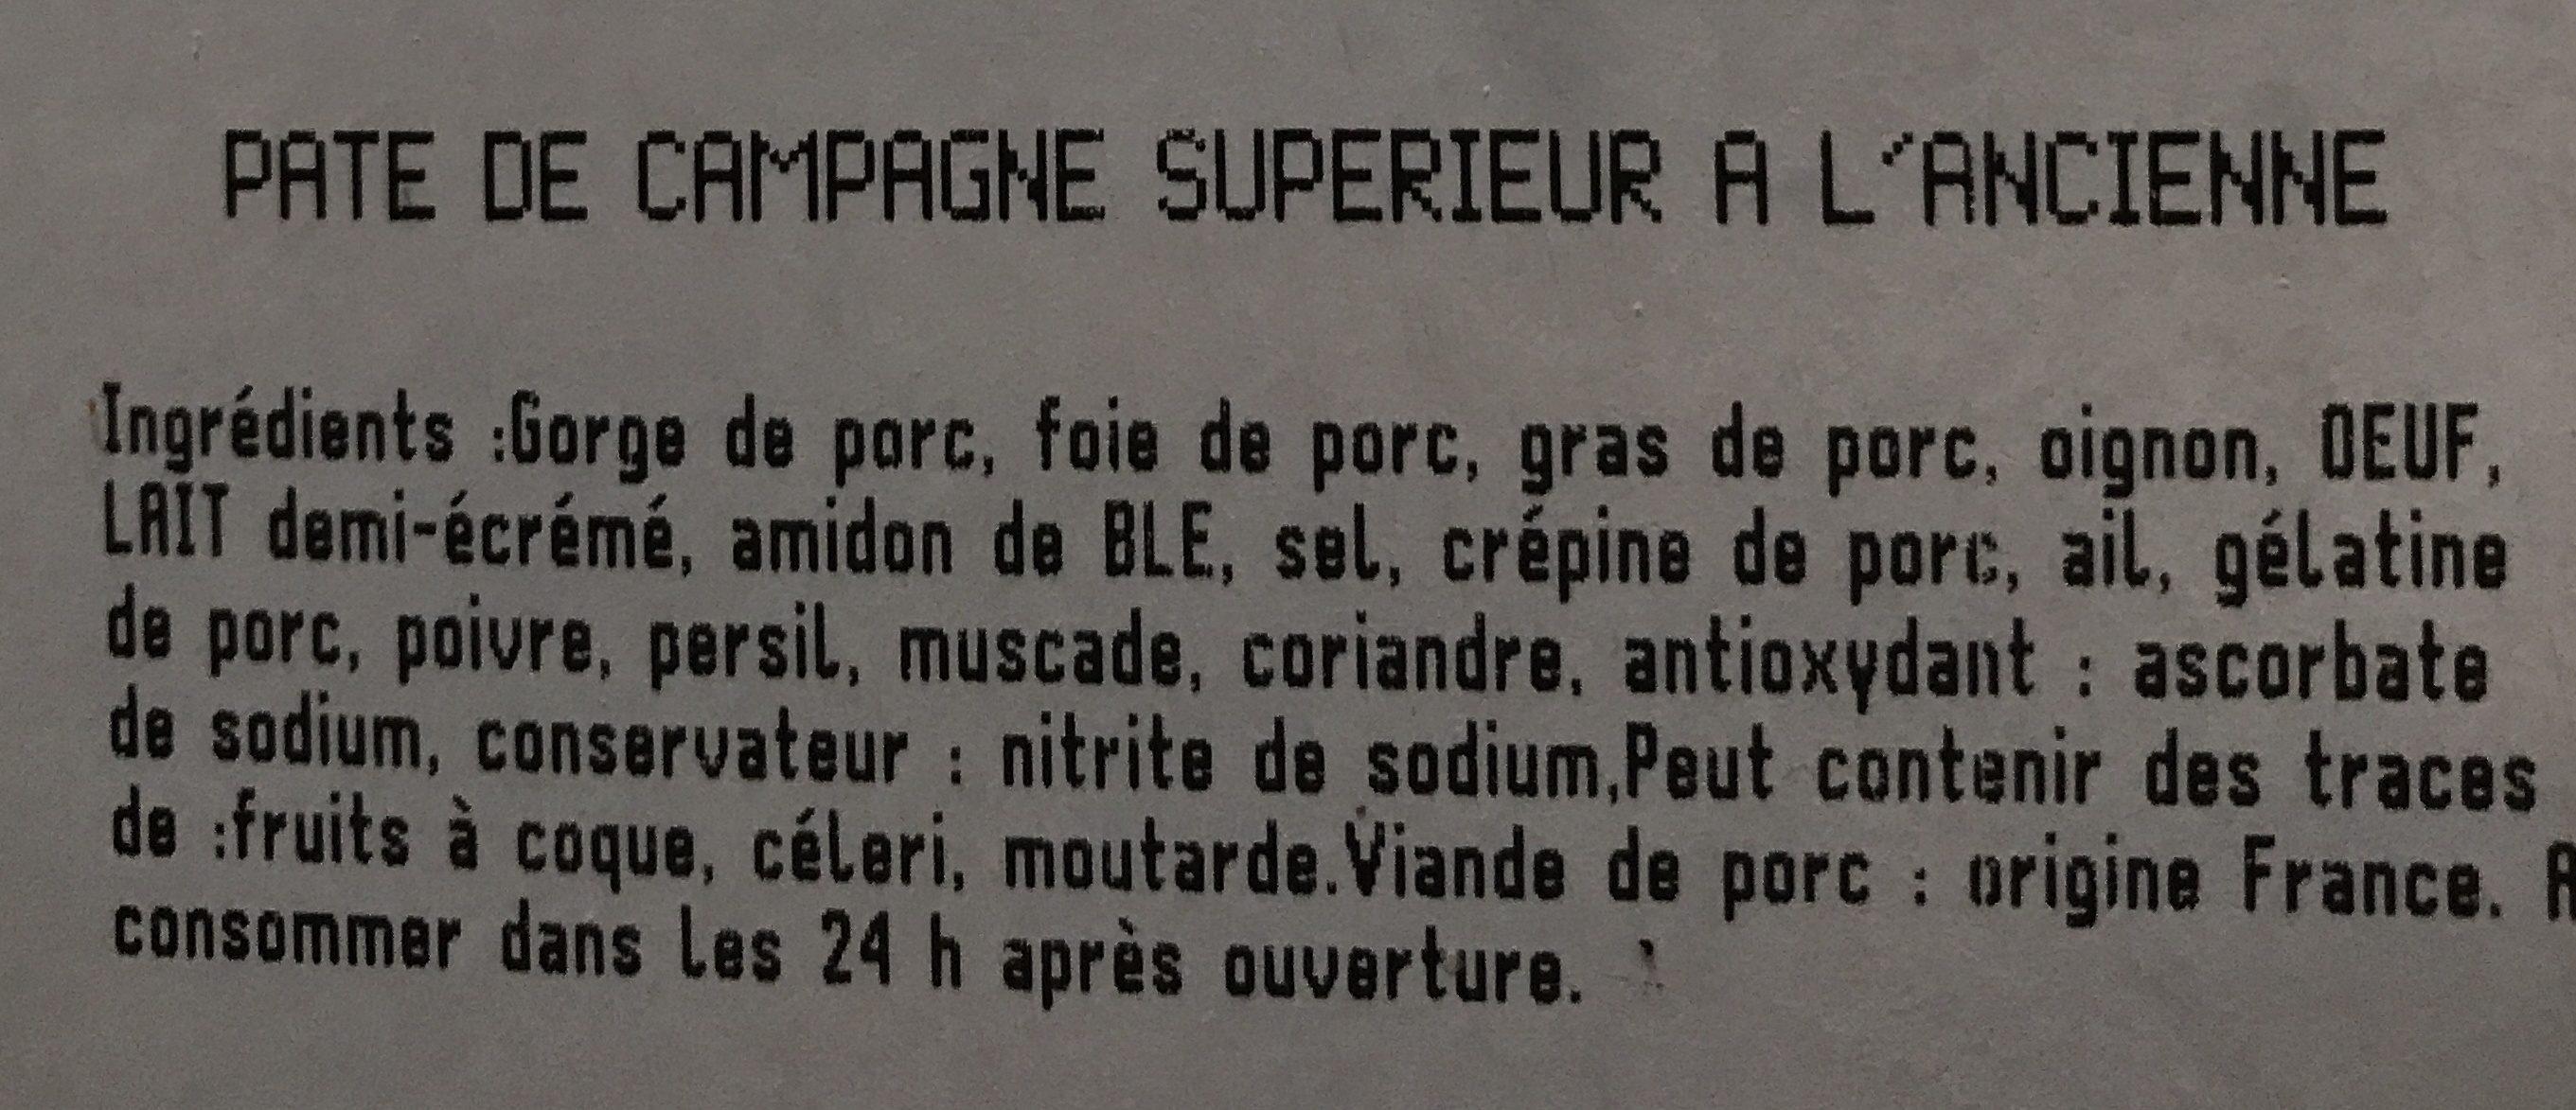 Terrine de campagne - Ingrediënten